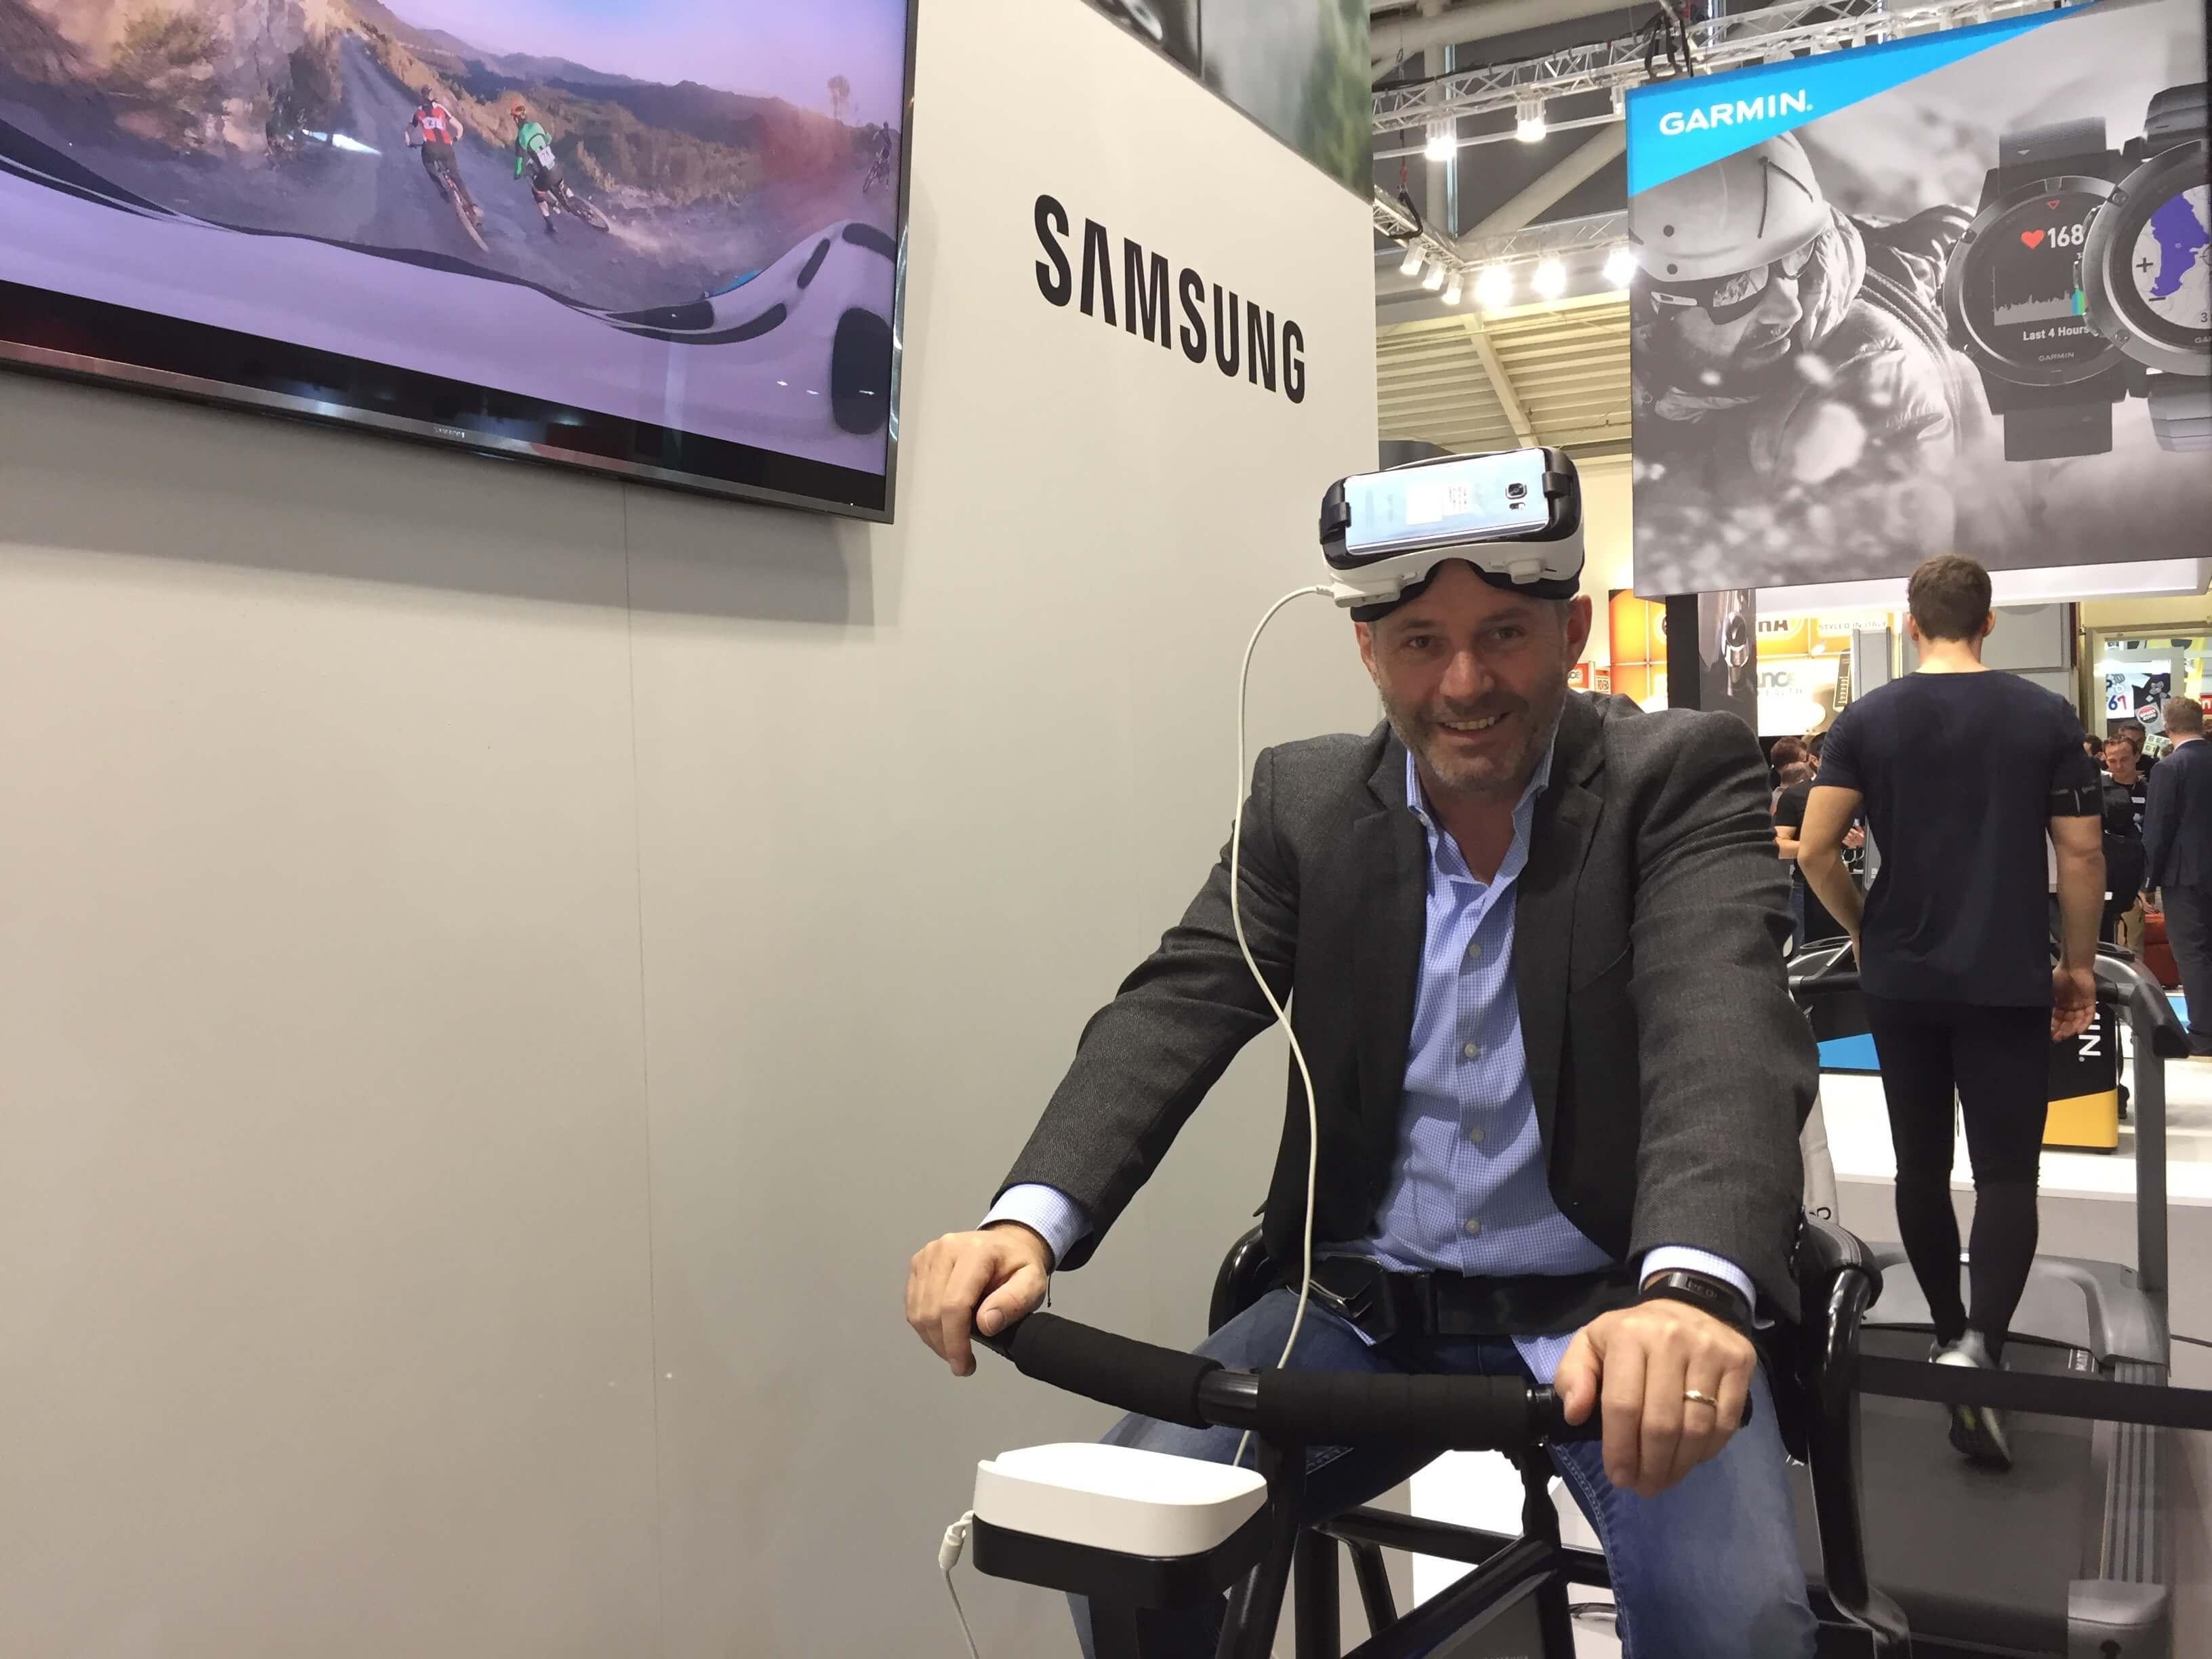 Christoph Ostler, ISPO 2017, Samsung